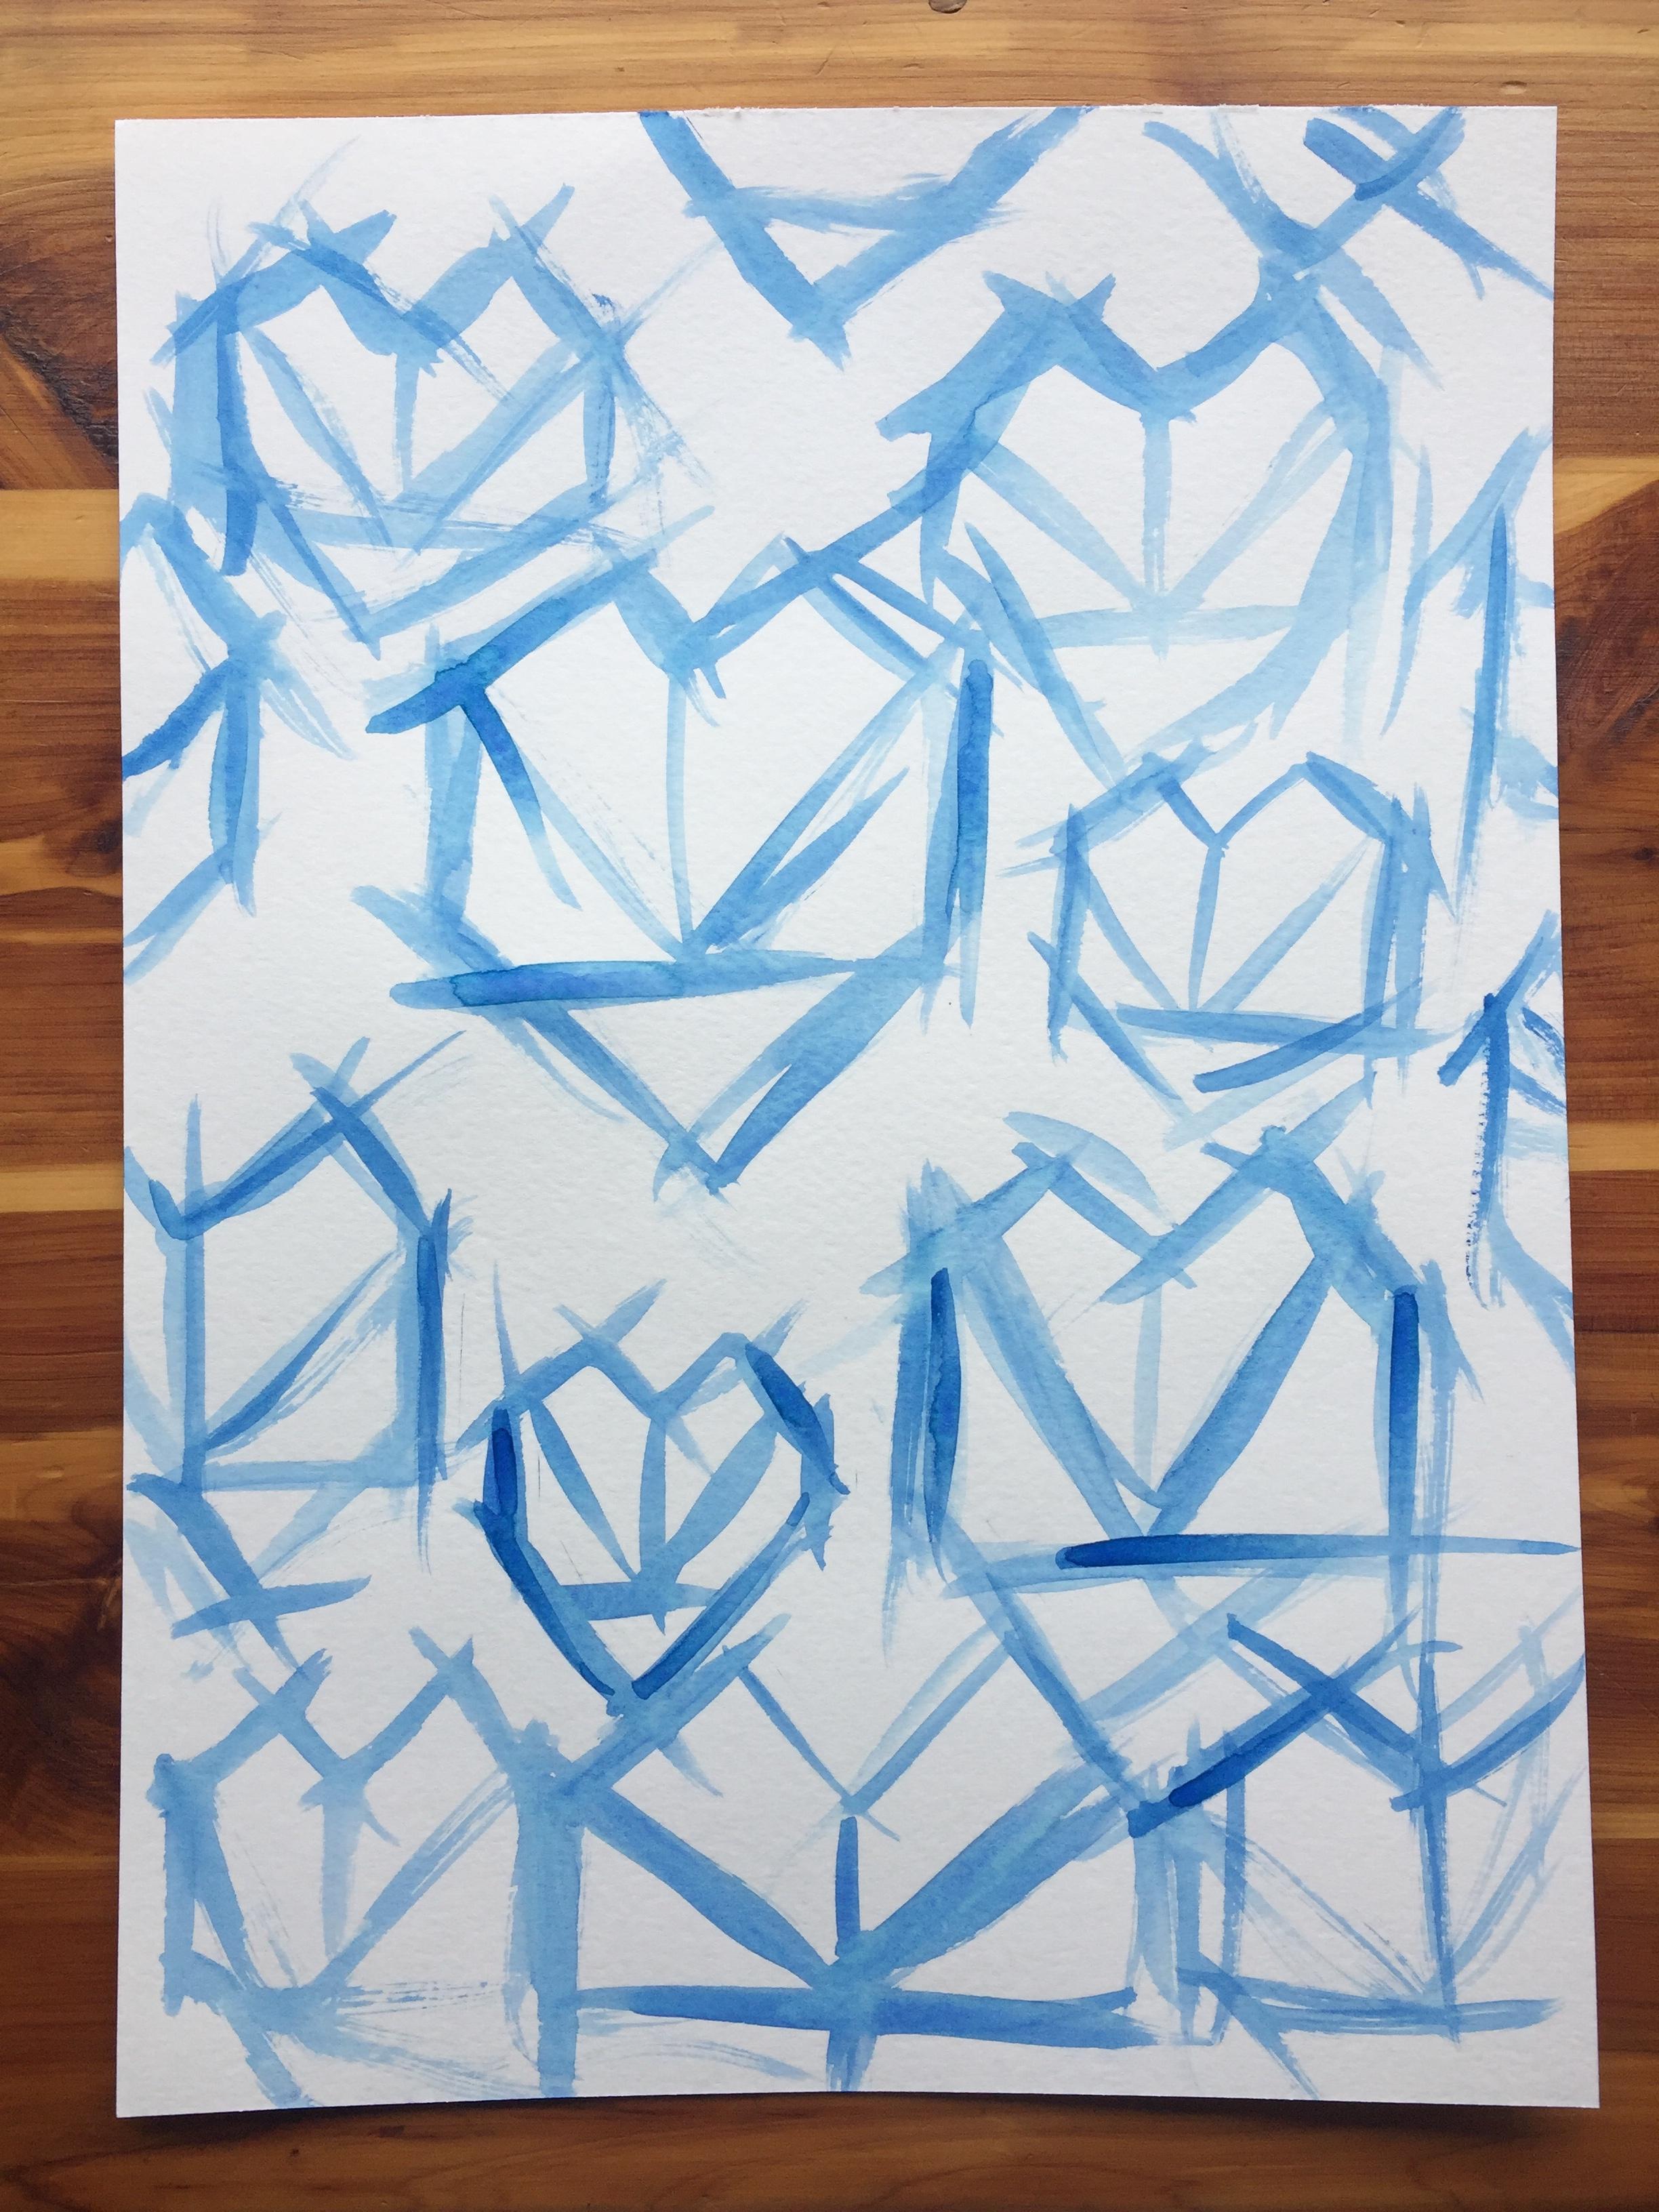 1. Paint